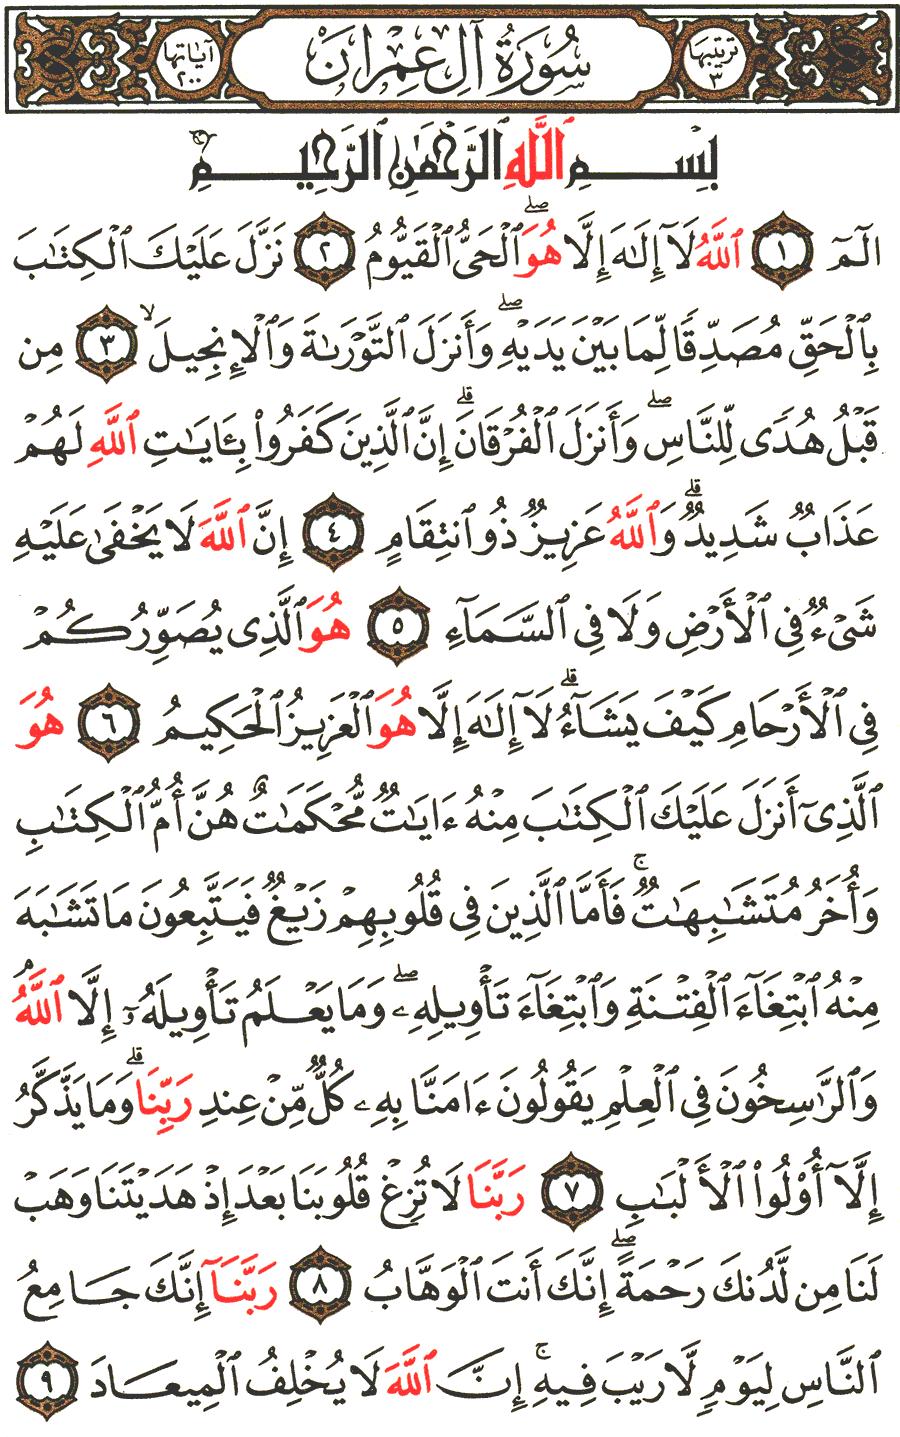 الصفحة رقم 50 من القرآن الكريم مكتوبة من المصحف